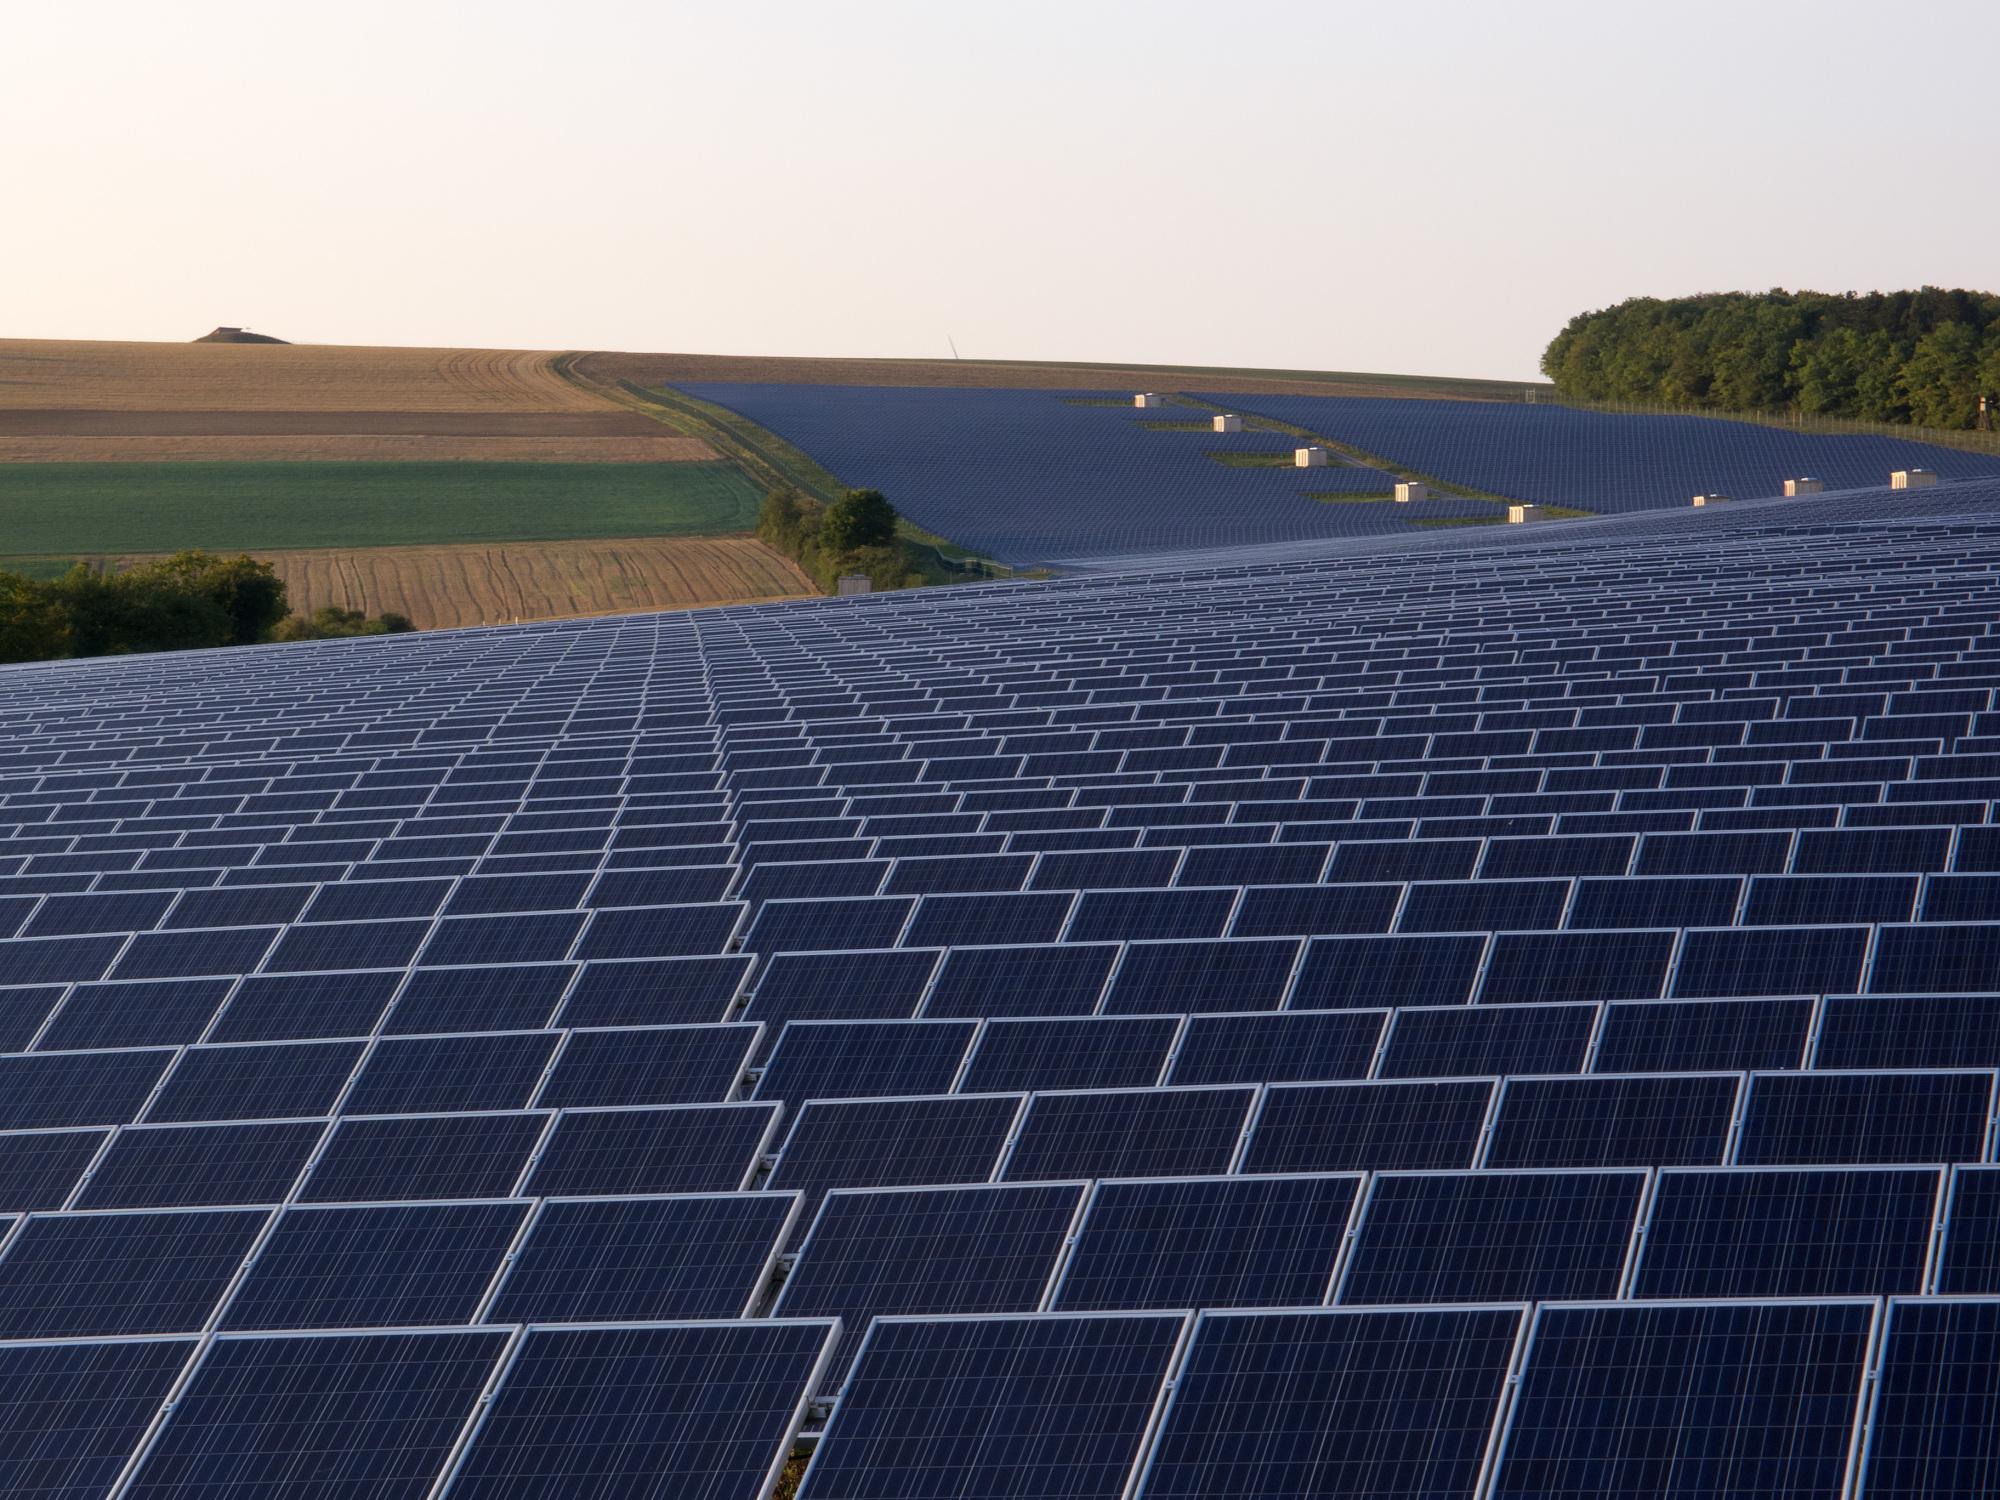 Es herscht schon lange nicht mehr eitel Sonnenschein über der deutschen Solarbranche (Photovoltaik-Anlage in Thüngen/Bayern) Foto: OhWeh, Lizenz Creative Commons CC BY-SA 2.5